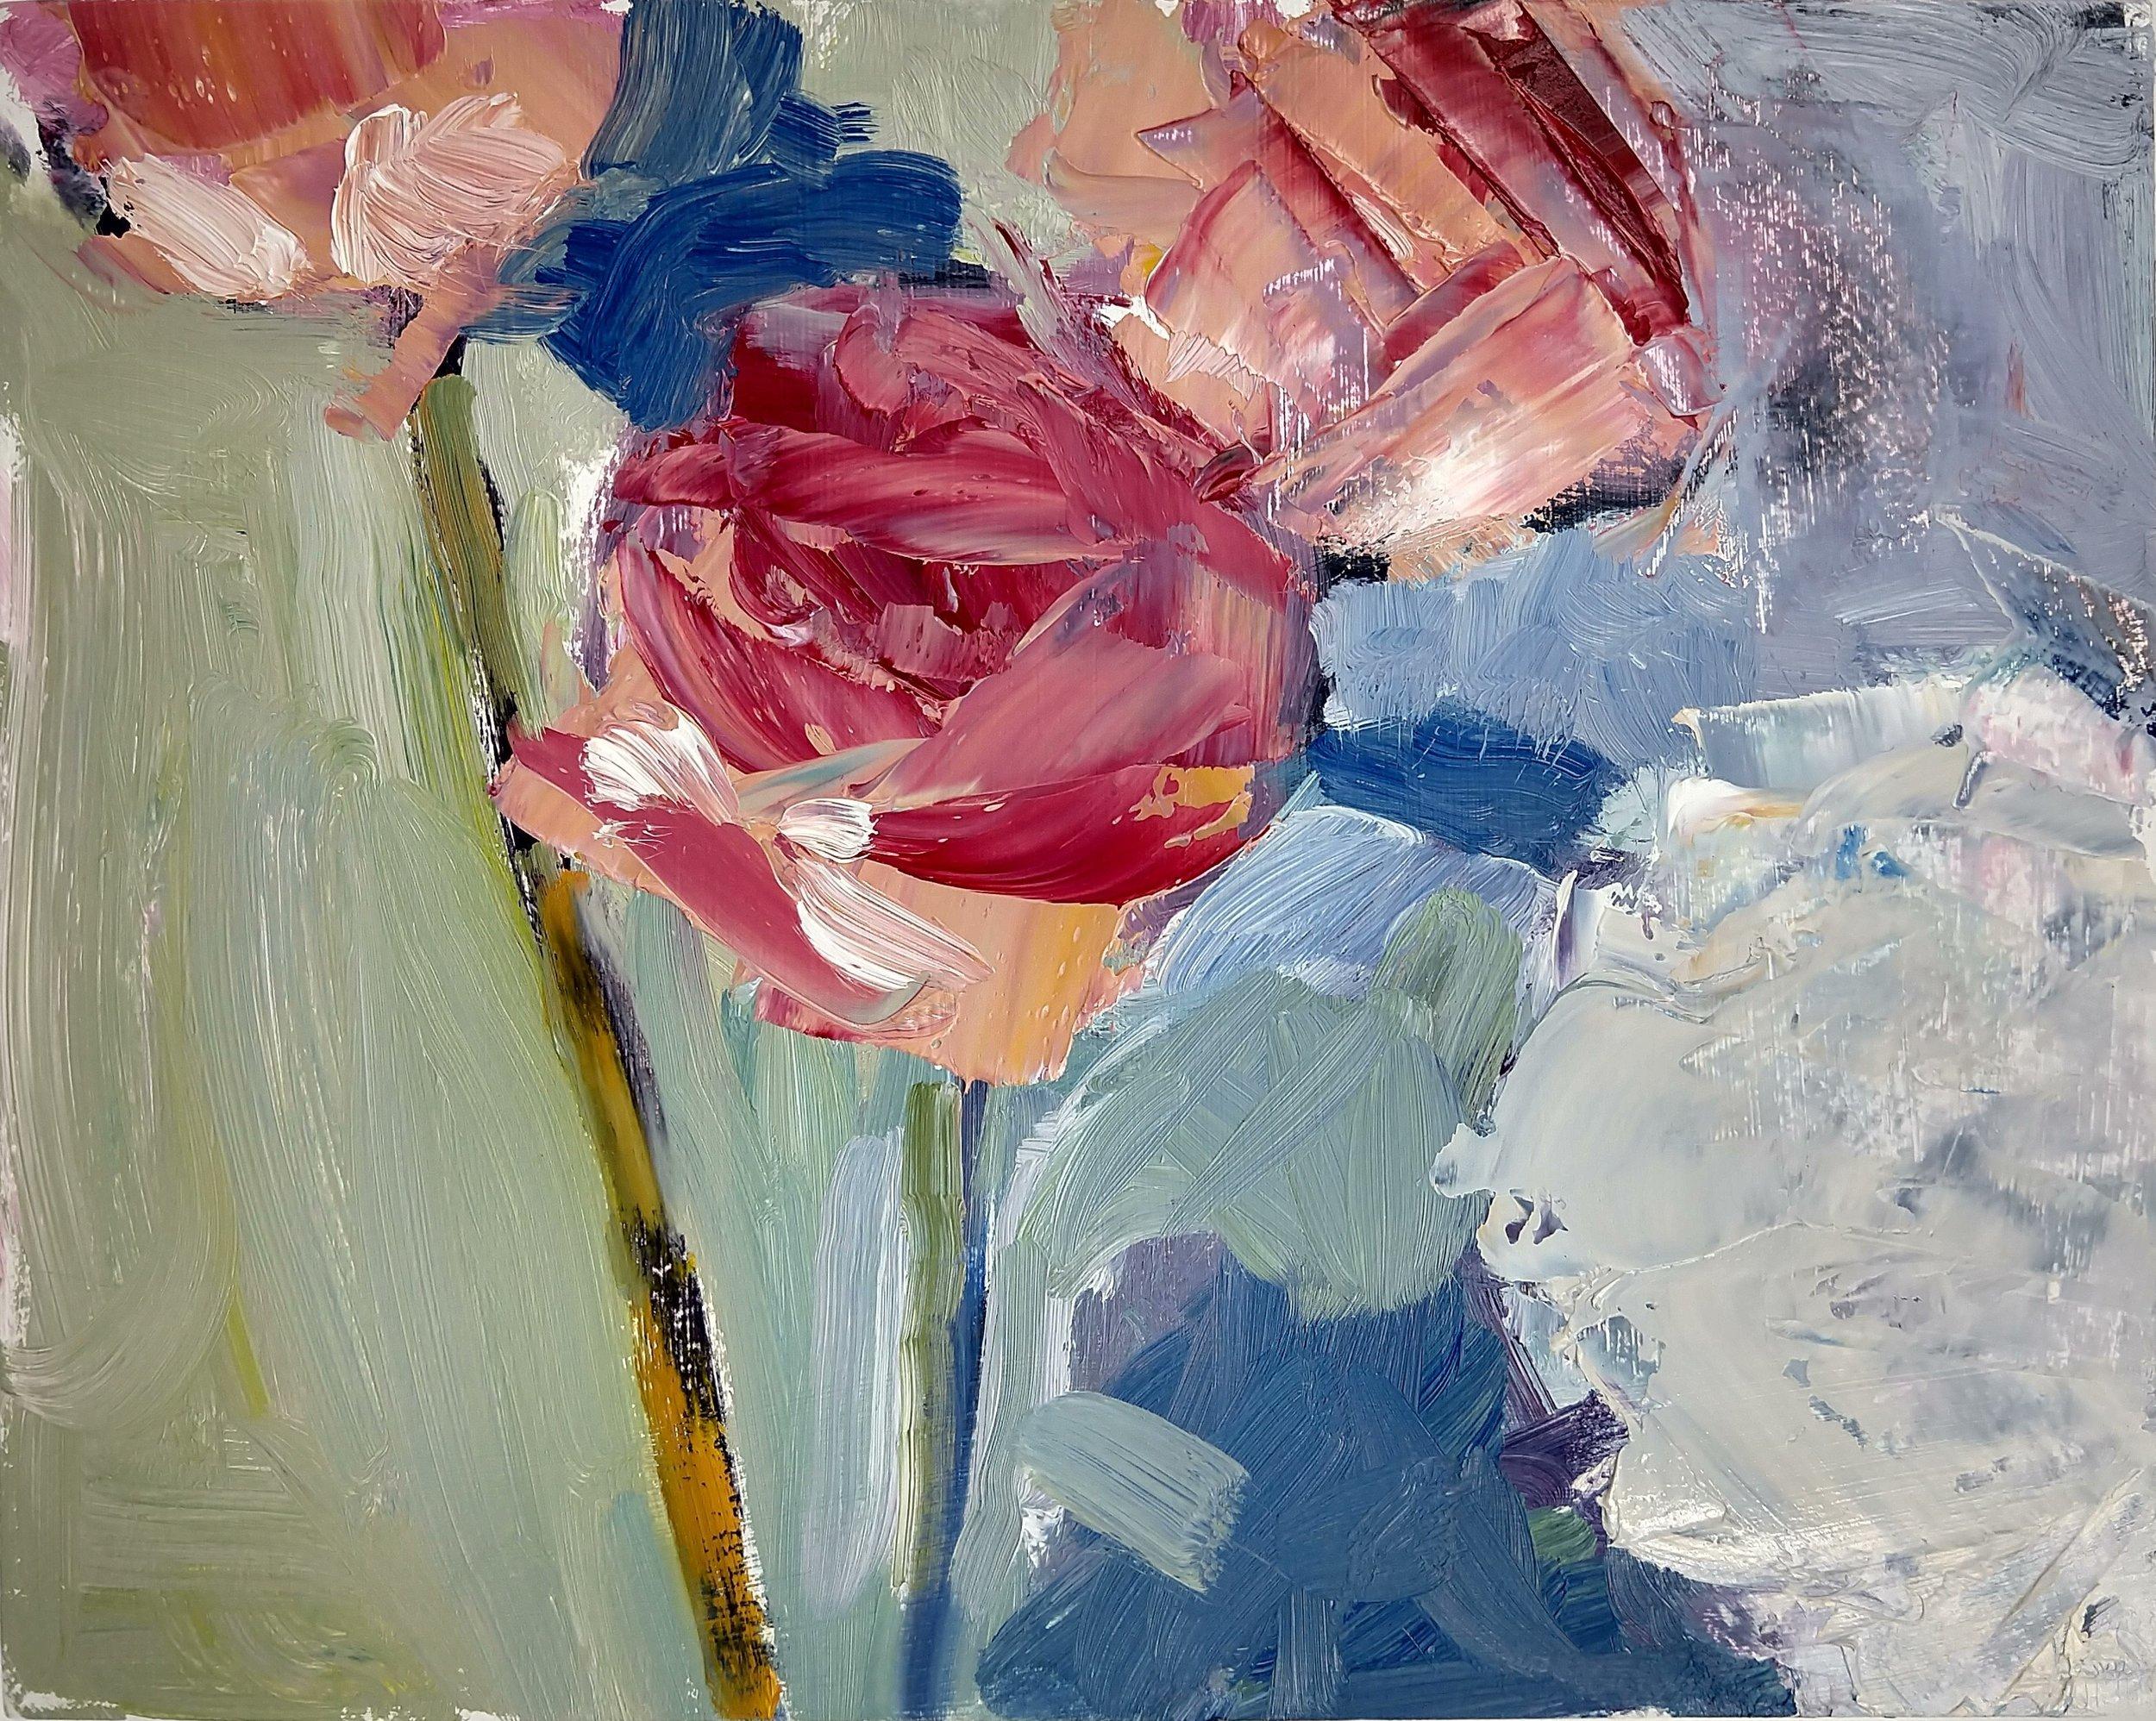 Roses & Hydrangea, Robert Ross, 8x10 in, oil.jpg